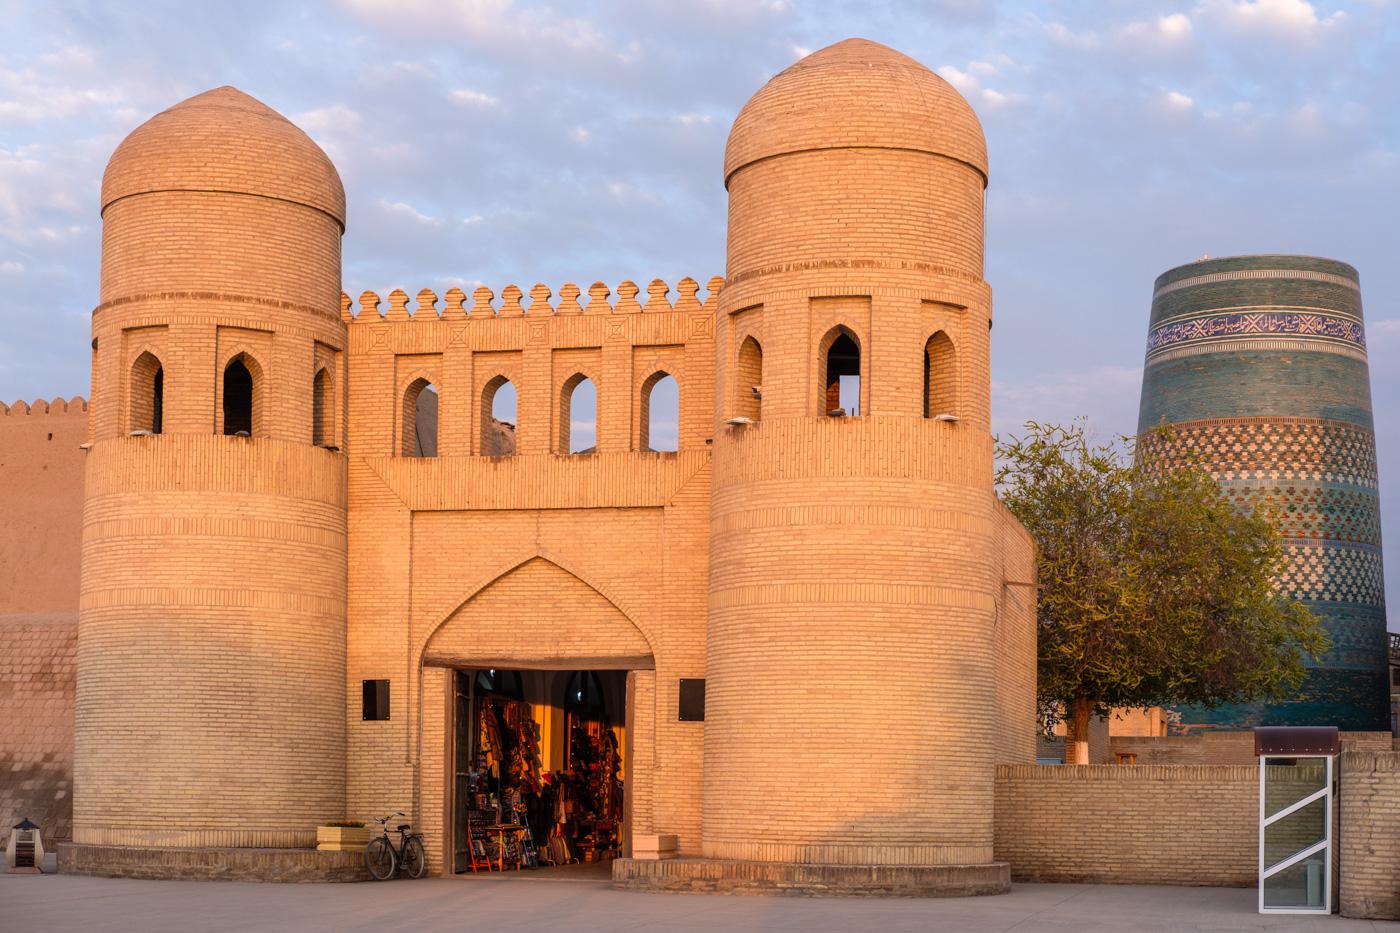 Usbekistan, Zentrum der Seidenstraße - Das Itschan-Kala Westtor (Ota-Darvoza) in Chiwa.